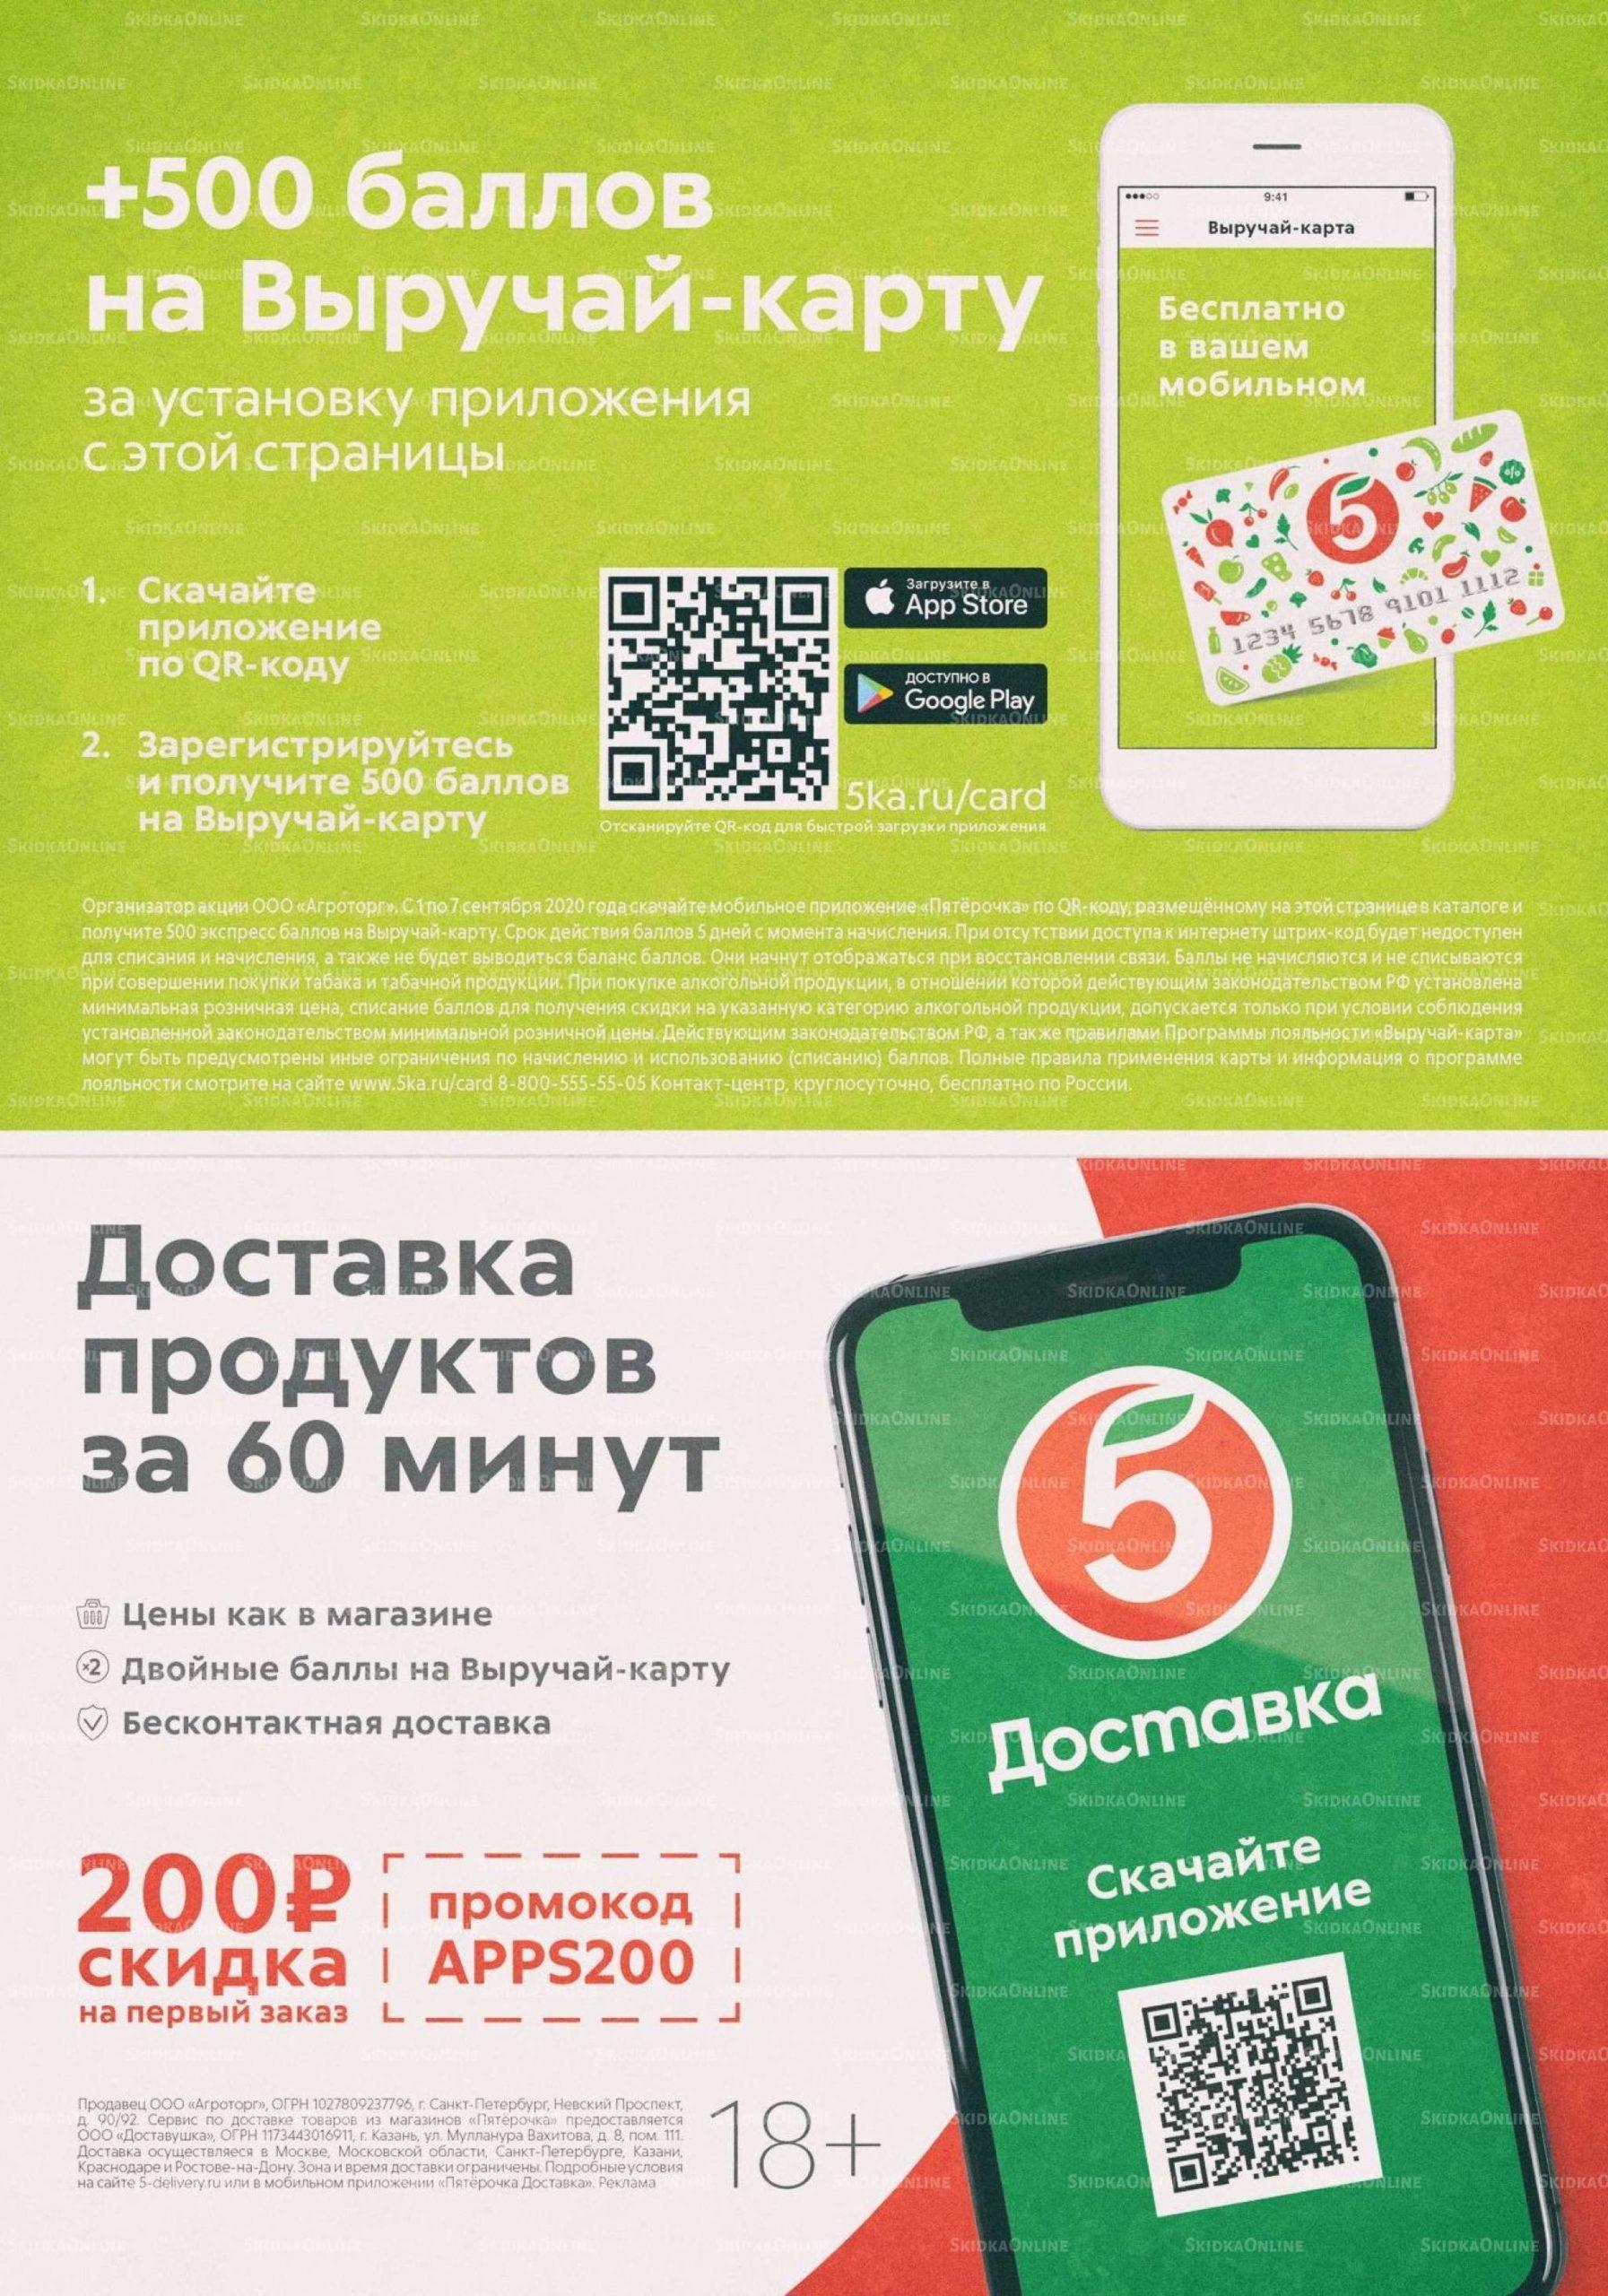 Акции в Пятёрочке с 1 по 7 сентября 2020 года